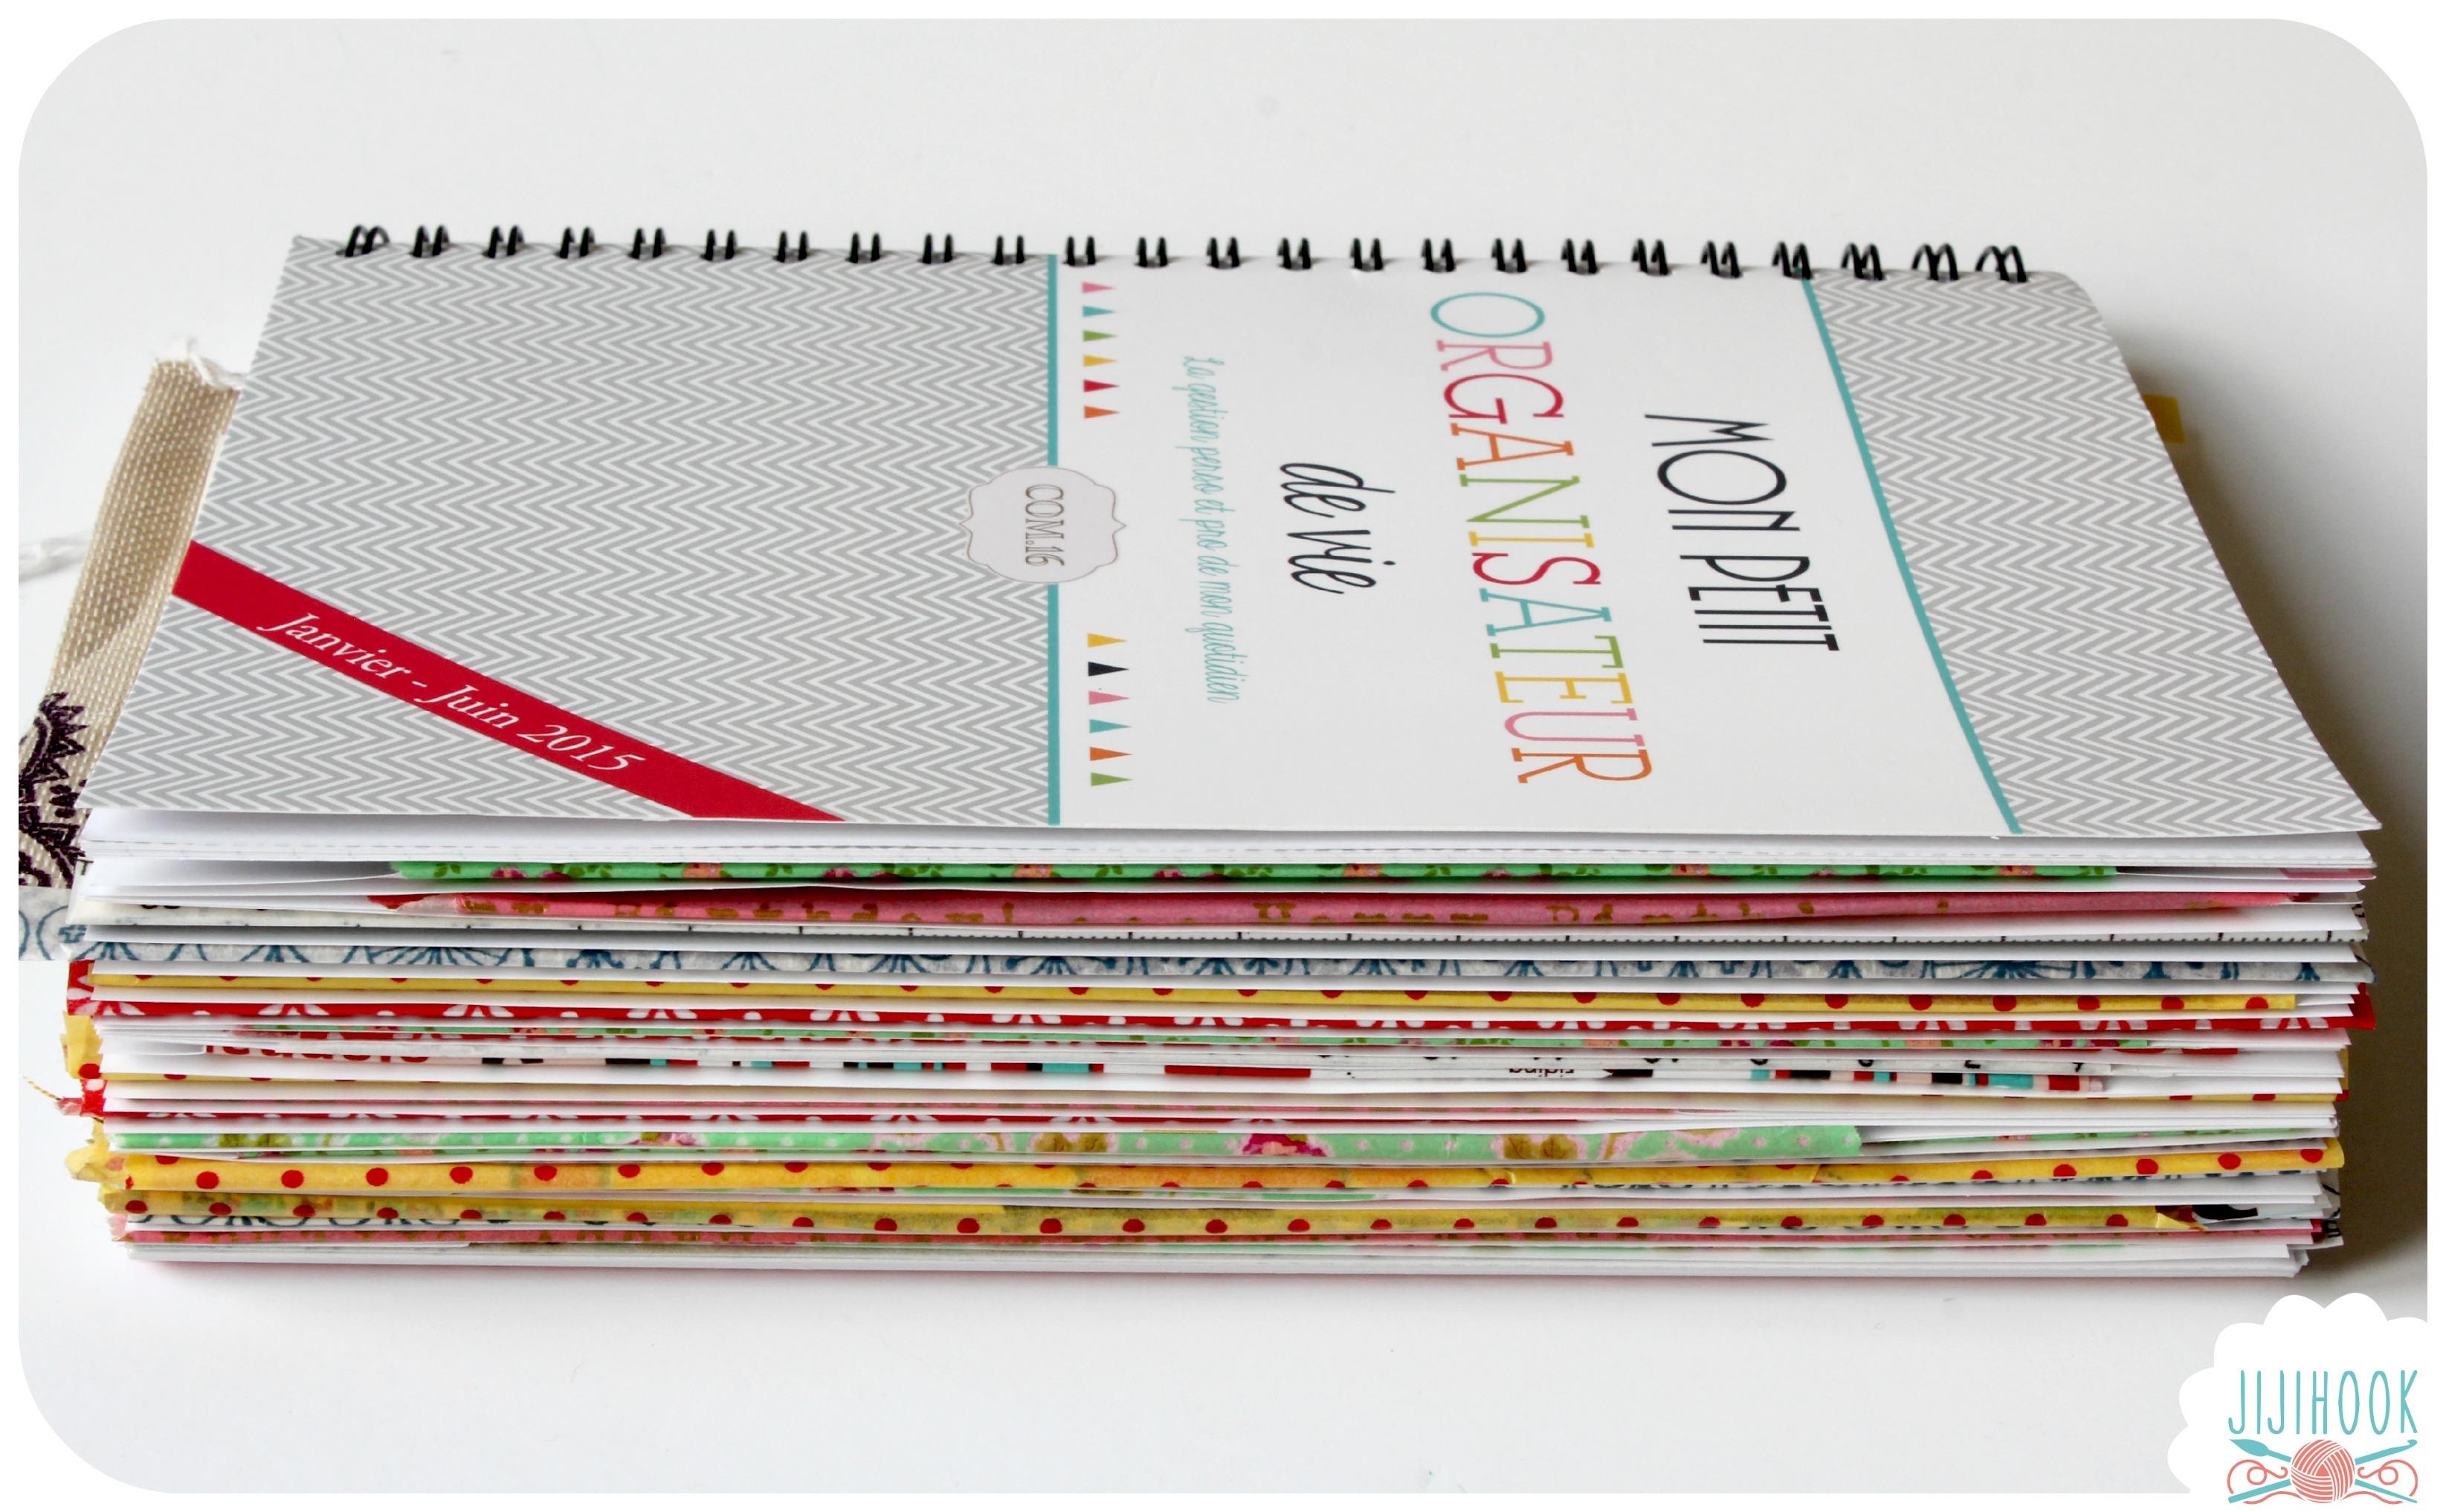 fabriquer un artjournal partir d 39 un agenda jiji hook